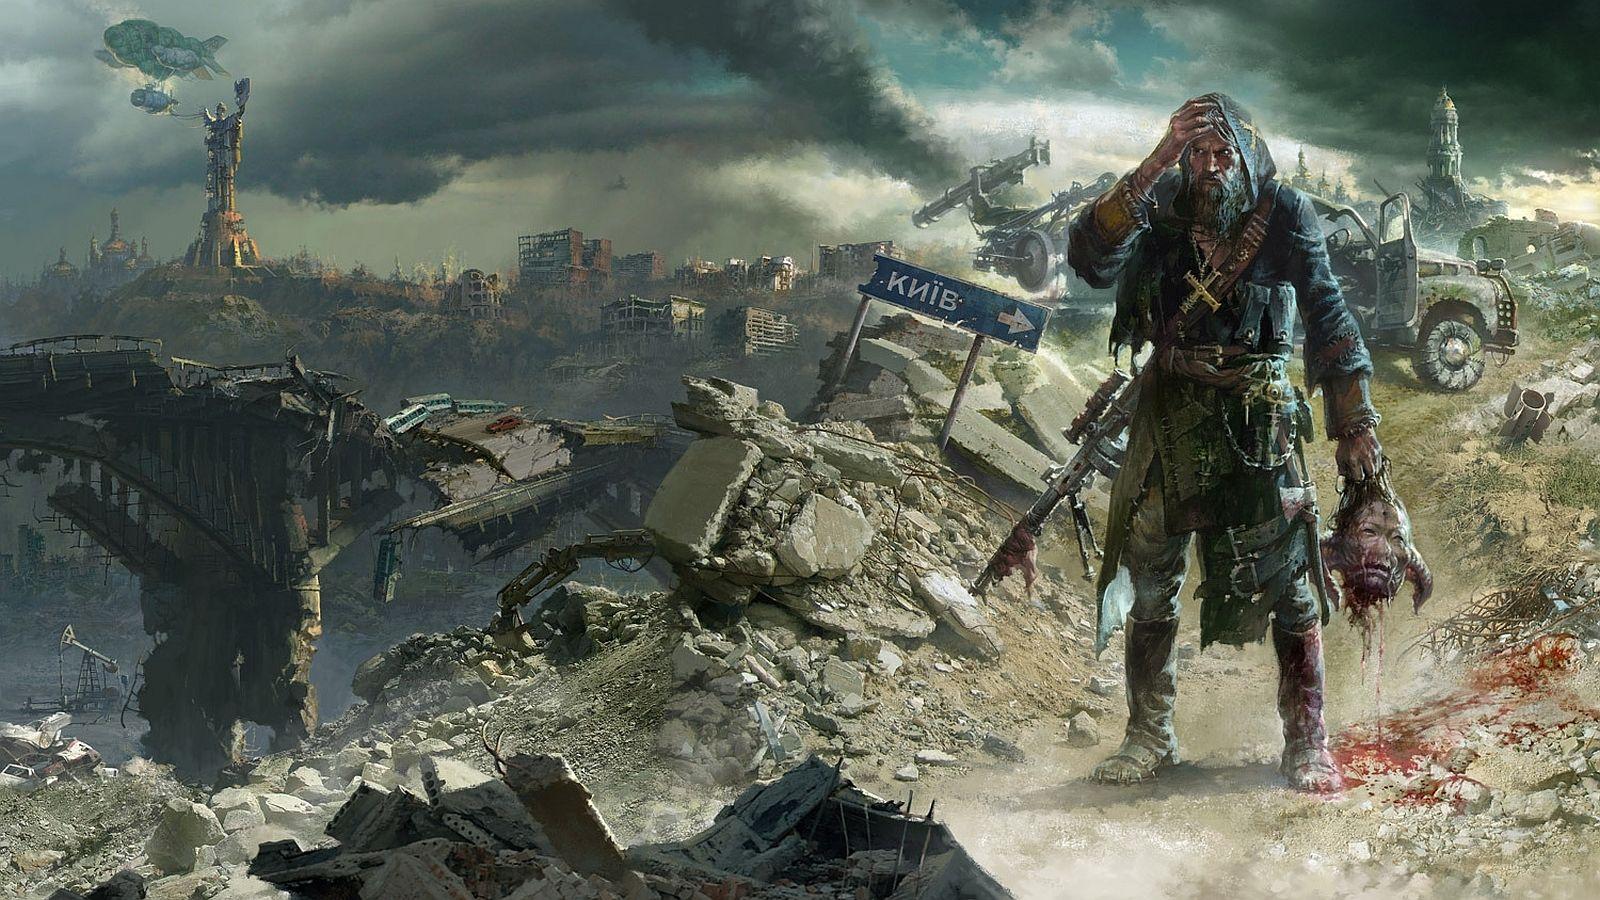 Post Apocalyptic Computer Wallpapers Desktop Backgrounds 1600x900 Id 425558 Post Apocalyptic Apocalyptic Earth Art